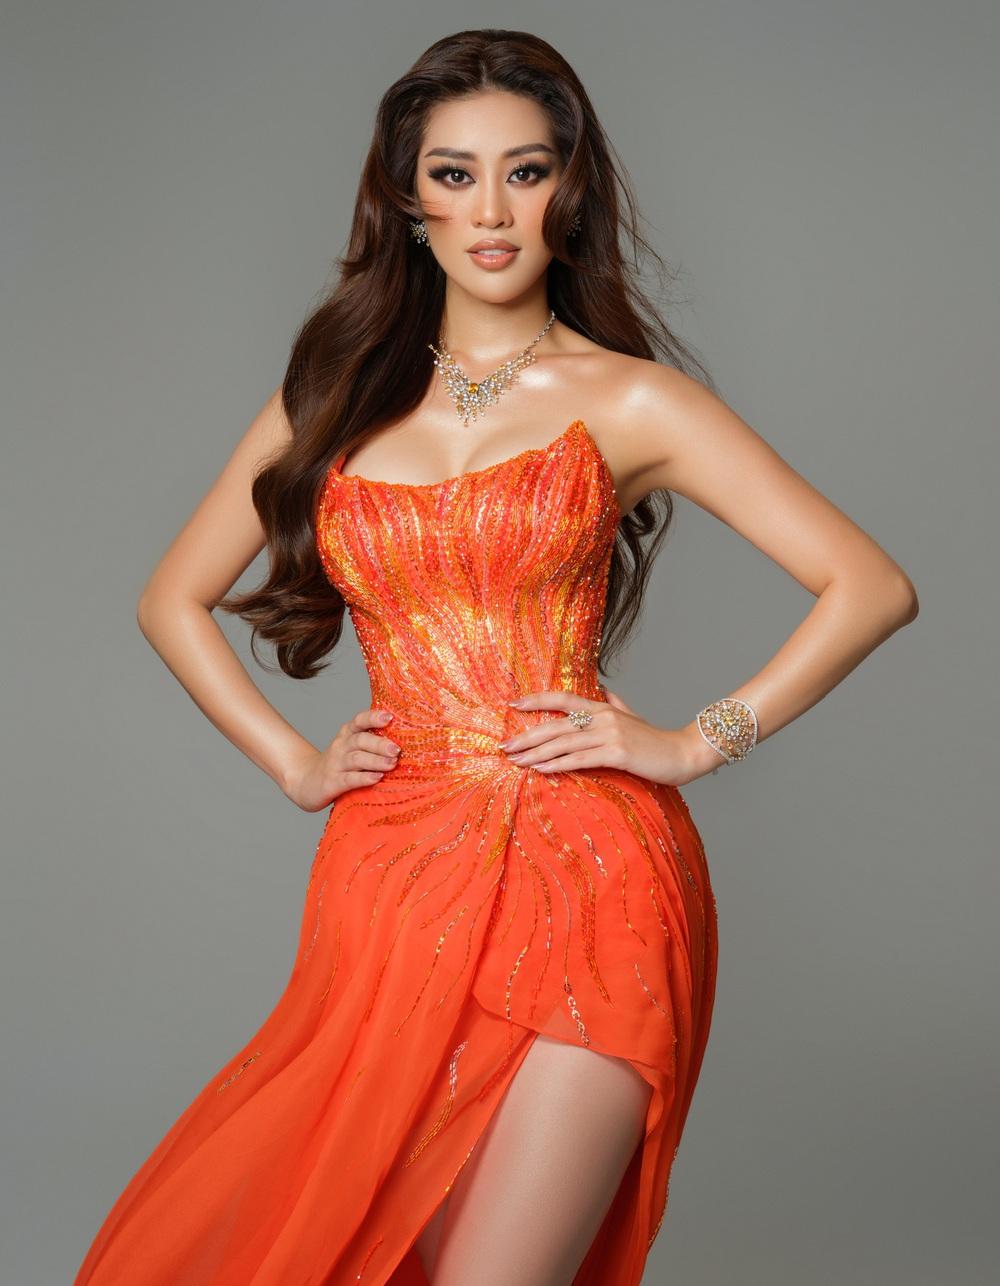 Cận cảnh bộ đồ nóng bỏng, gây ấn tượng mạnh của Khánh Vân trên sân khấu bán kết Hoa hậu Hoàn vũ Thế giới 2020 - Ảnh 6.